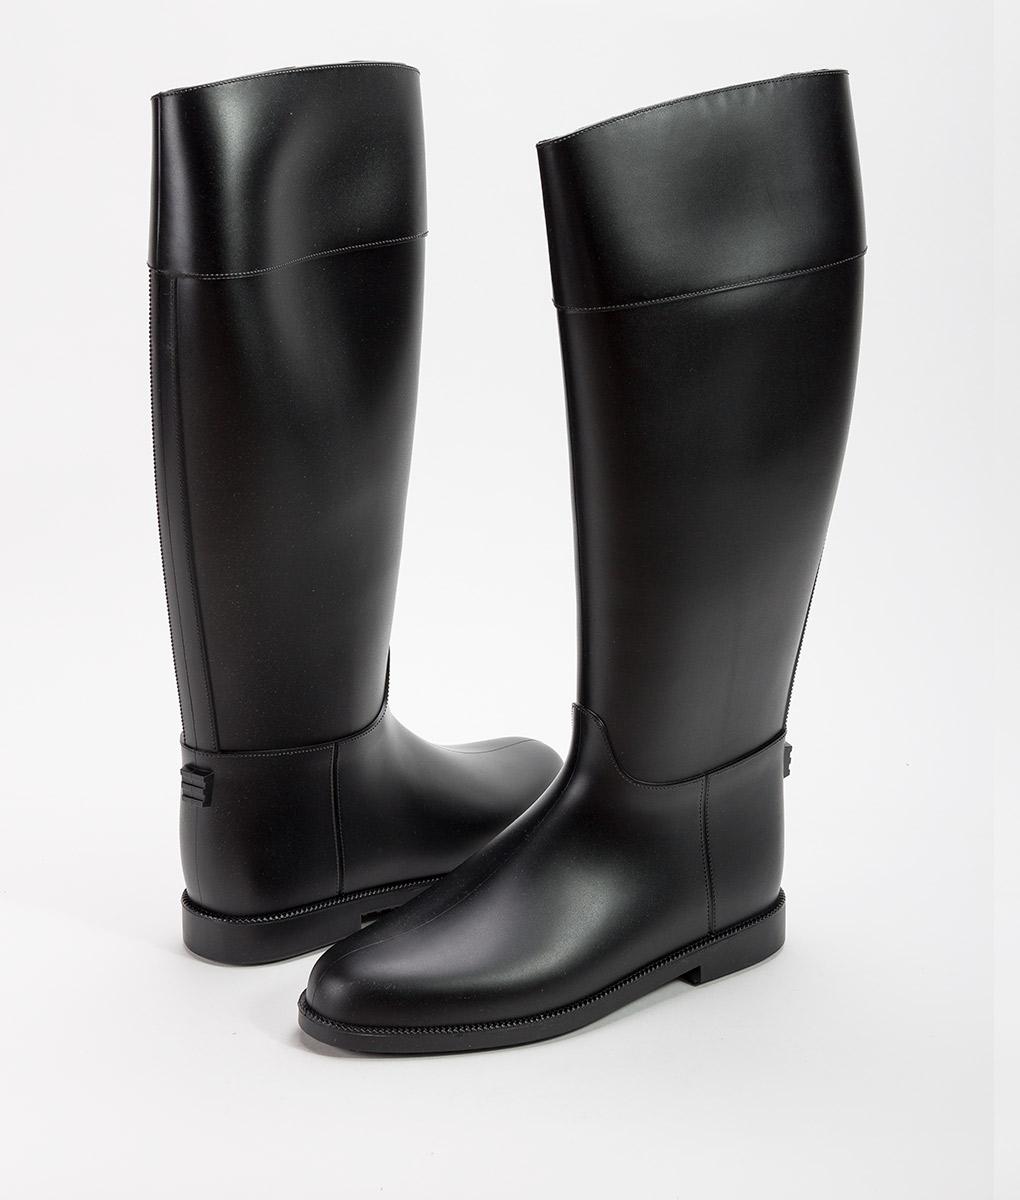 MARESCA Women Rain Boots 23727, Black 59.99 1